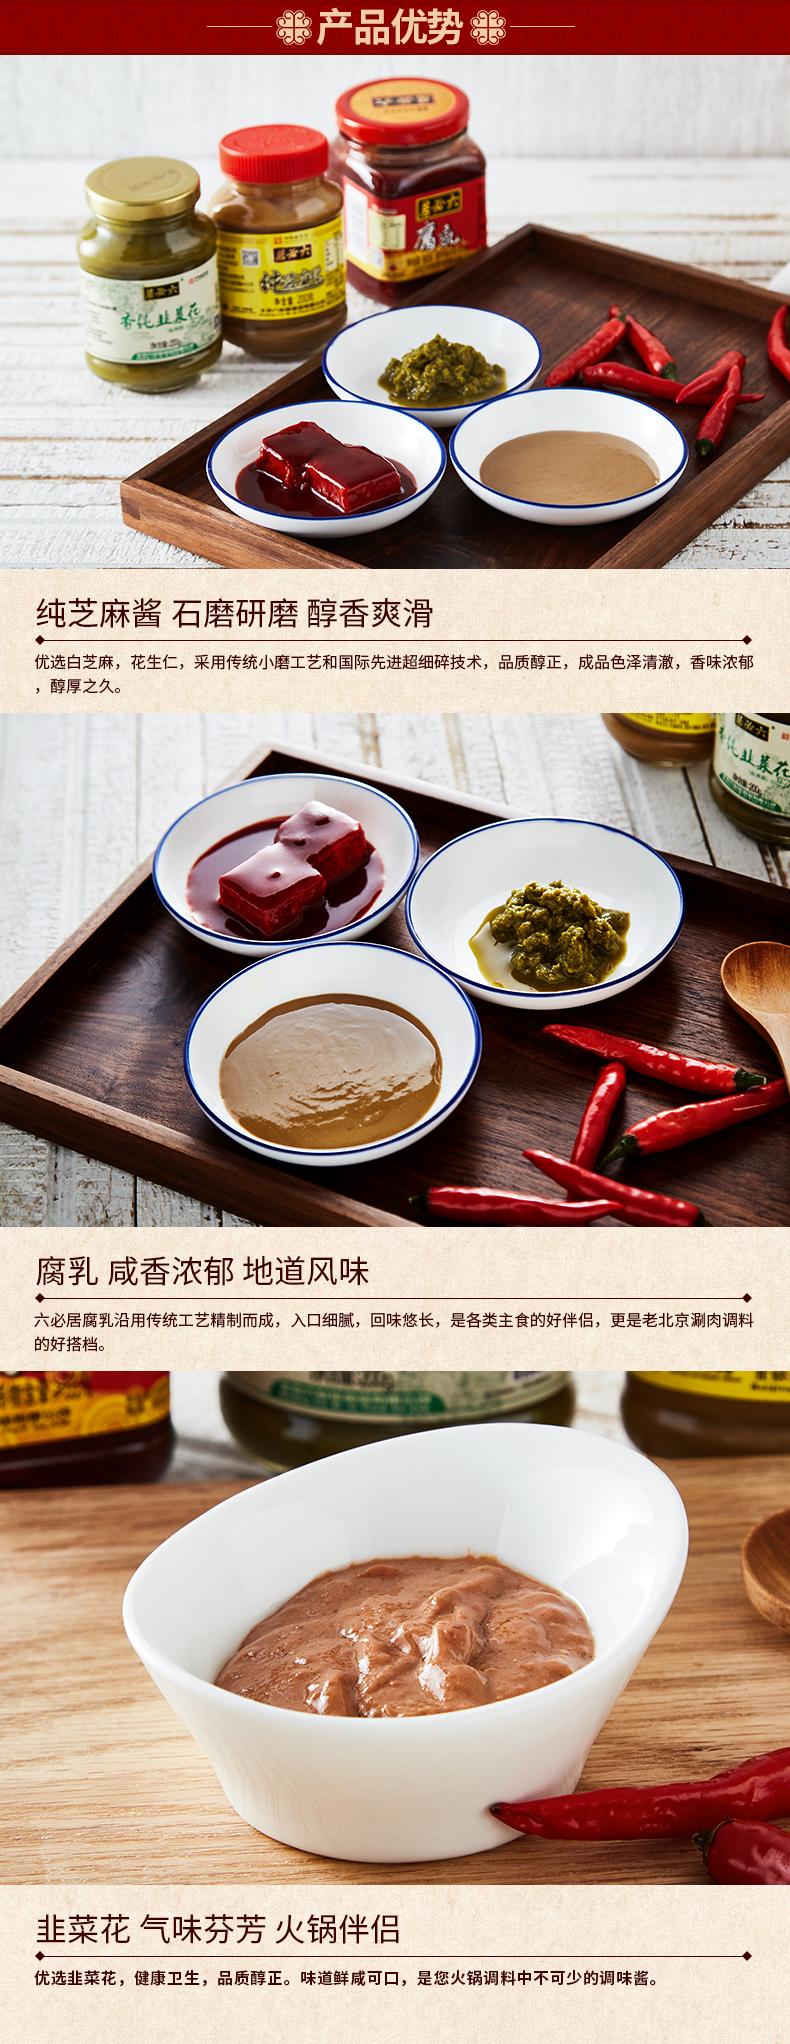 中华老字号  六必居 老北京火锅蘸料组合 200g*3瓶 图3